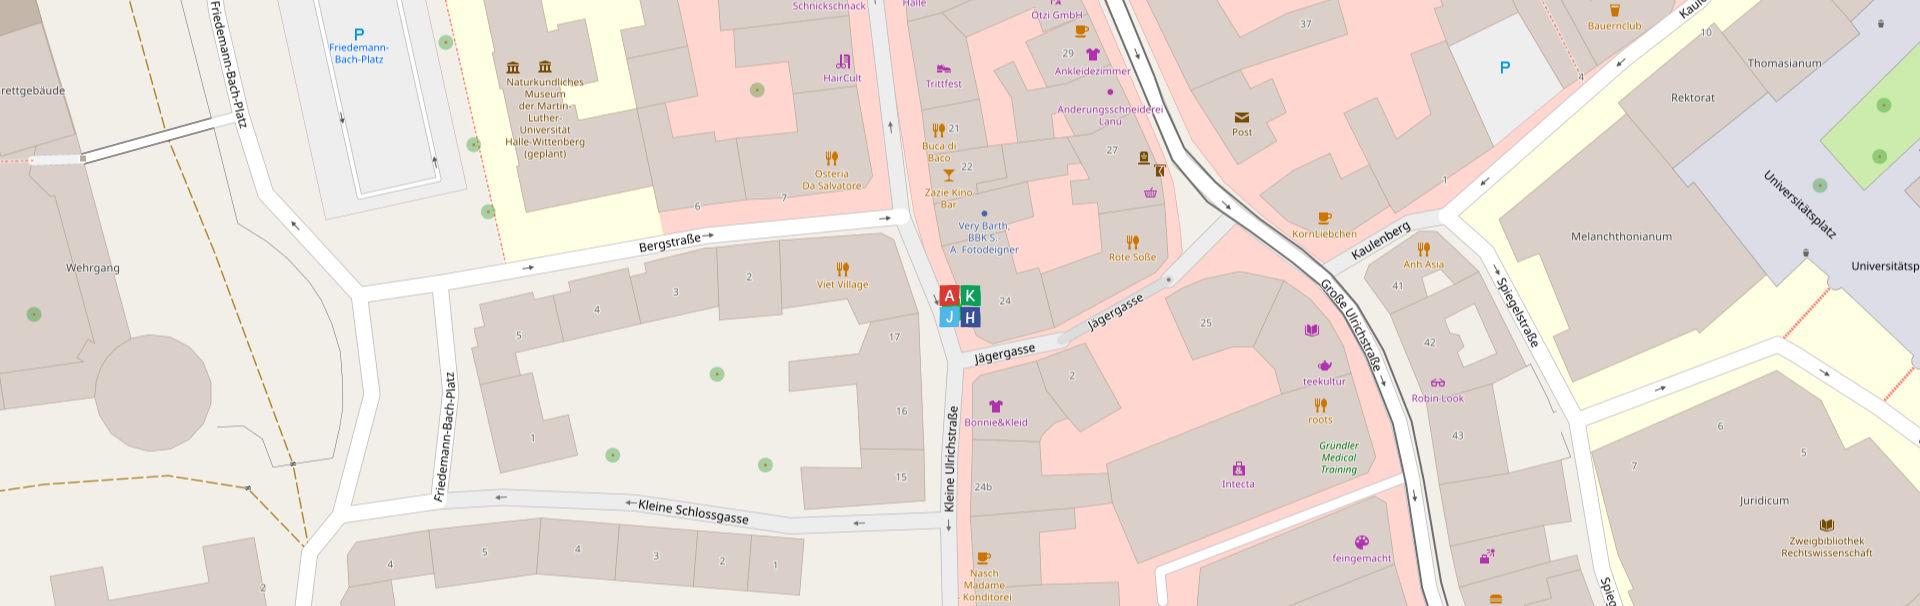 © OpenStreetMap-Mitwirkende | https://www.openstreetmap.org/copyright